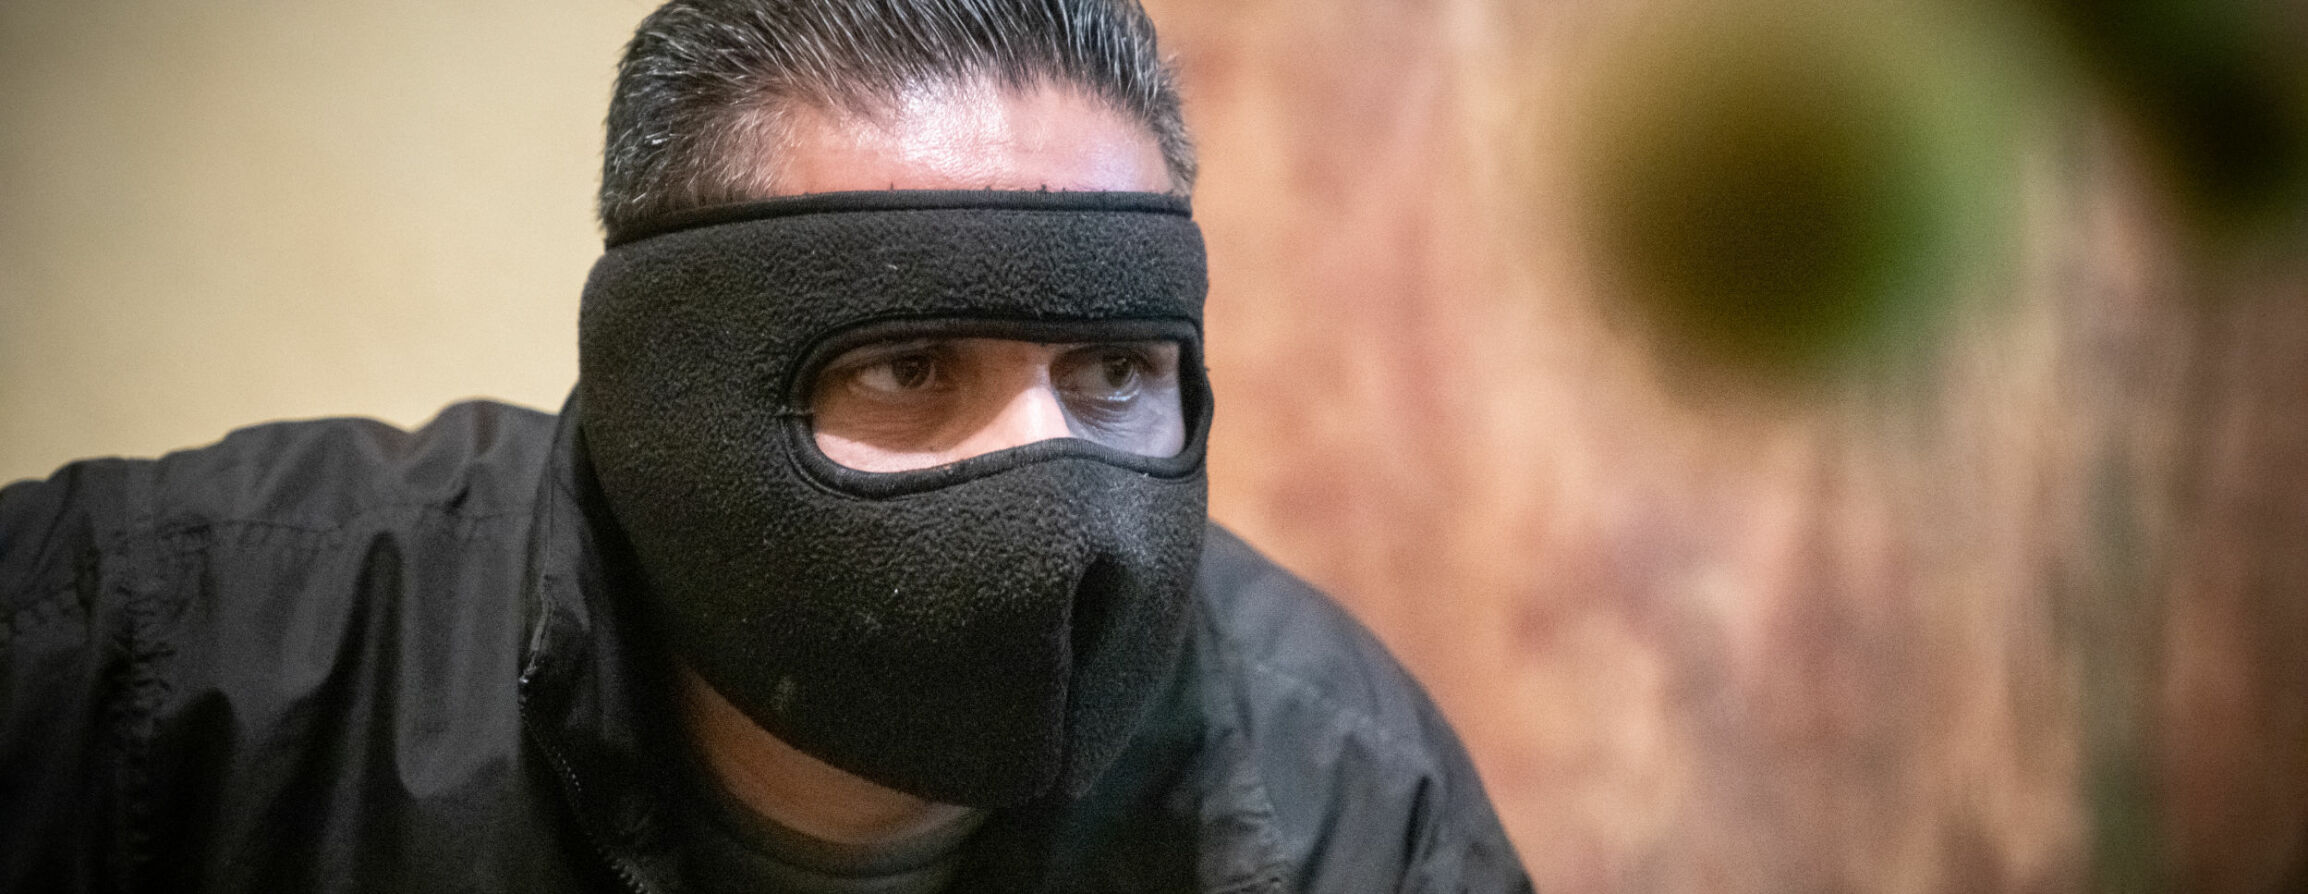 Sicario: Dagbladet møtte en sicario - en leiemorder - for et av de mektigste kartellene i Mexico i det som går mot å bli det blodigste året i landets moderne historie. Foto: Øistein Norum Monsen